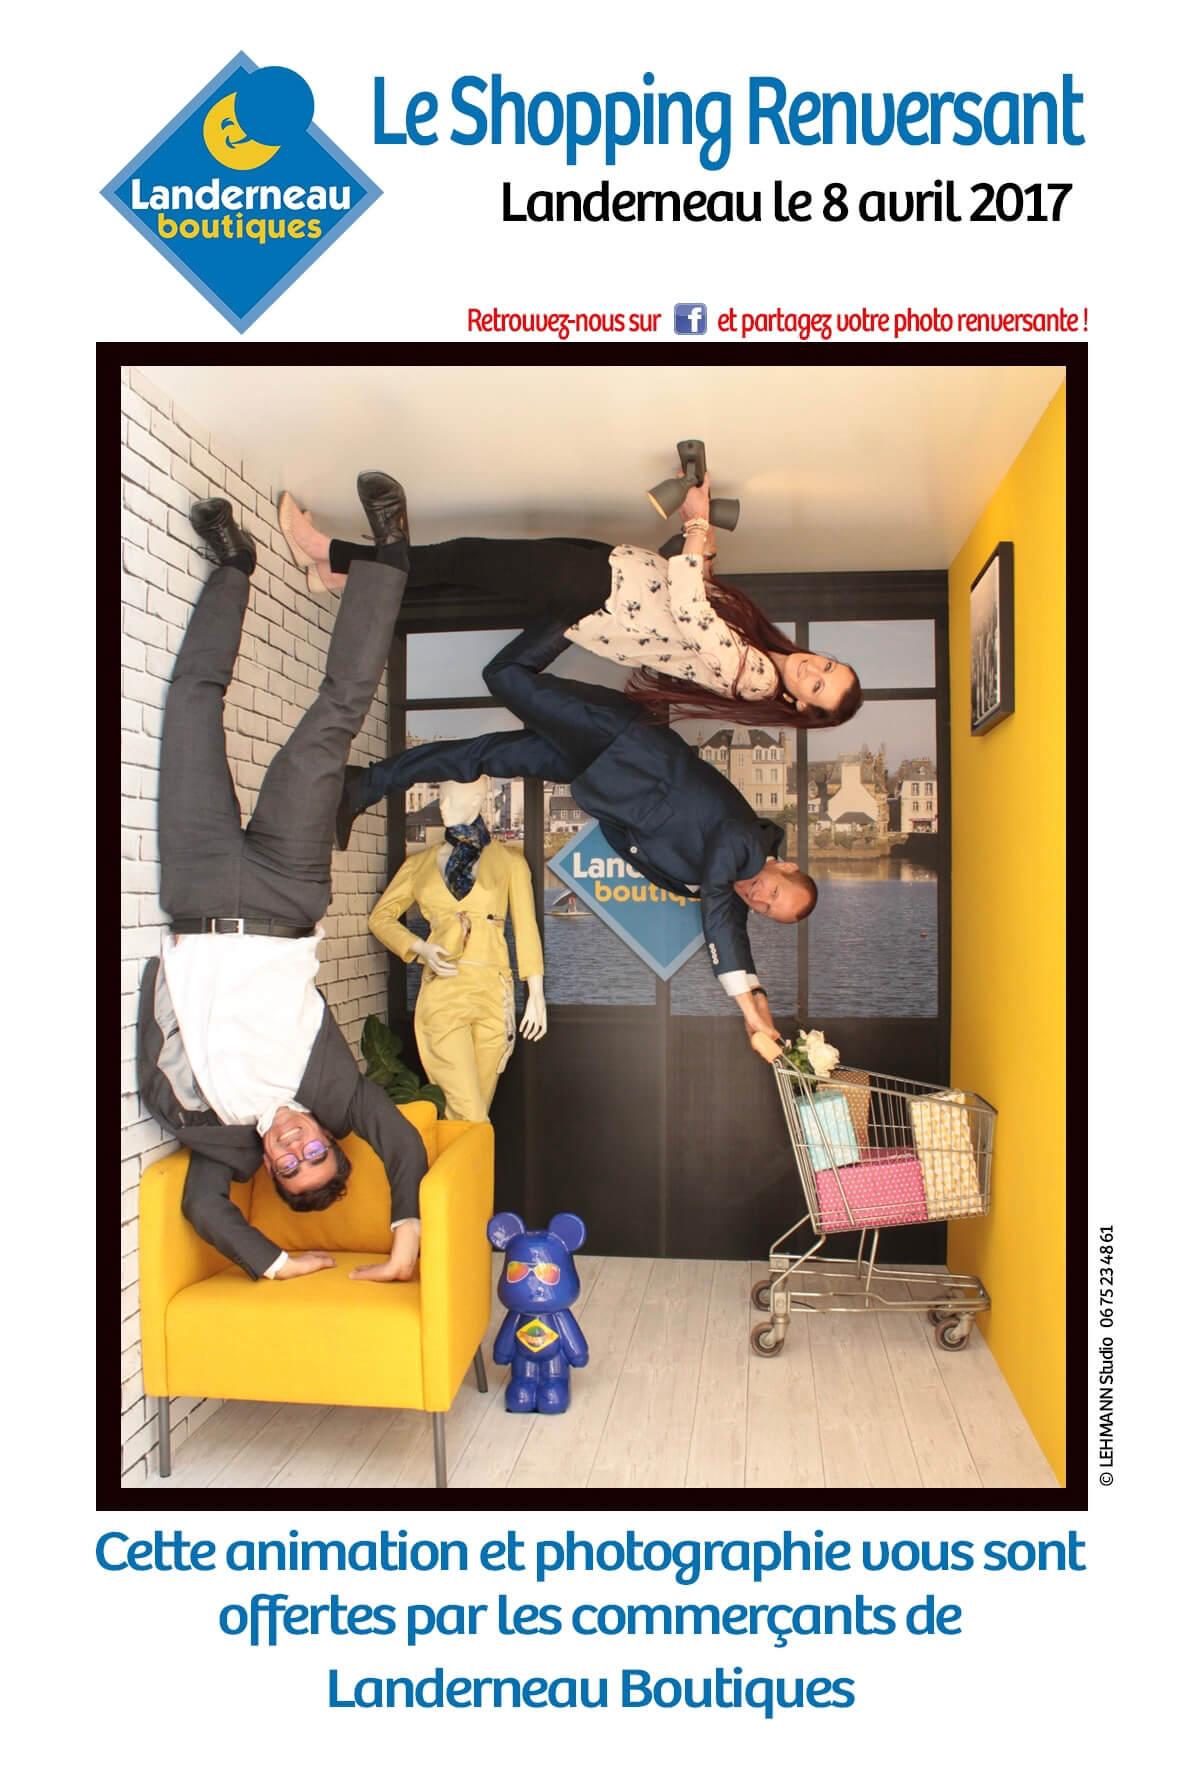 lehman-studio-photographe-angers-evenementiel-gravitybox-ambiance-commerce-landerneau-boutique3